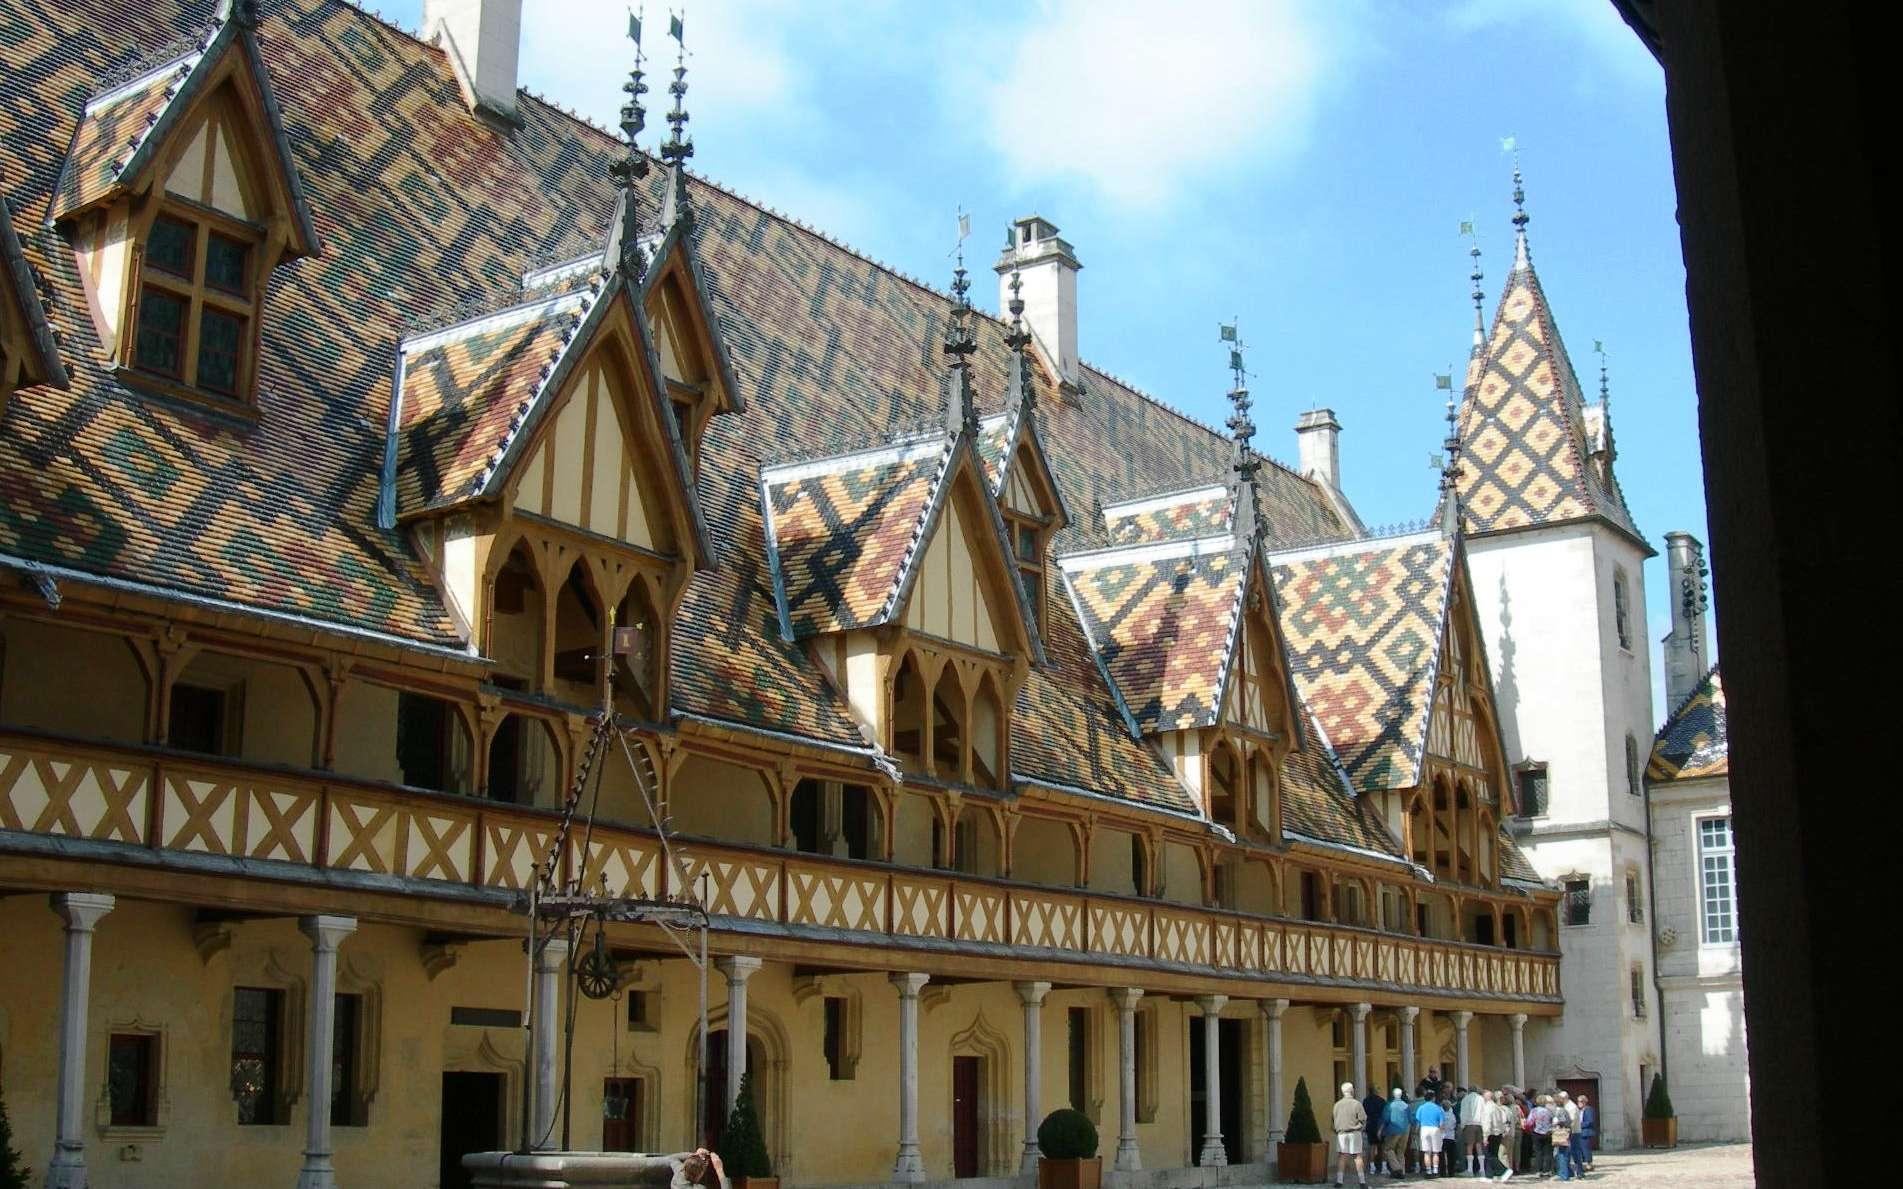 La toiture recouvre les toits, parfois en y ajoutant une touche décorative. © Jan Sokol, CC BY-SA 3.0, Wikimedia Commons